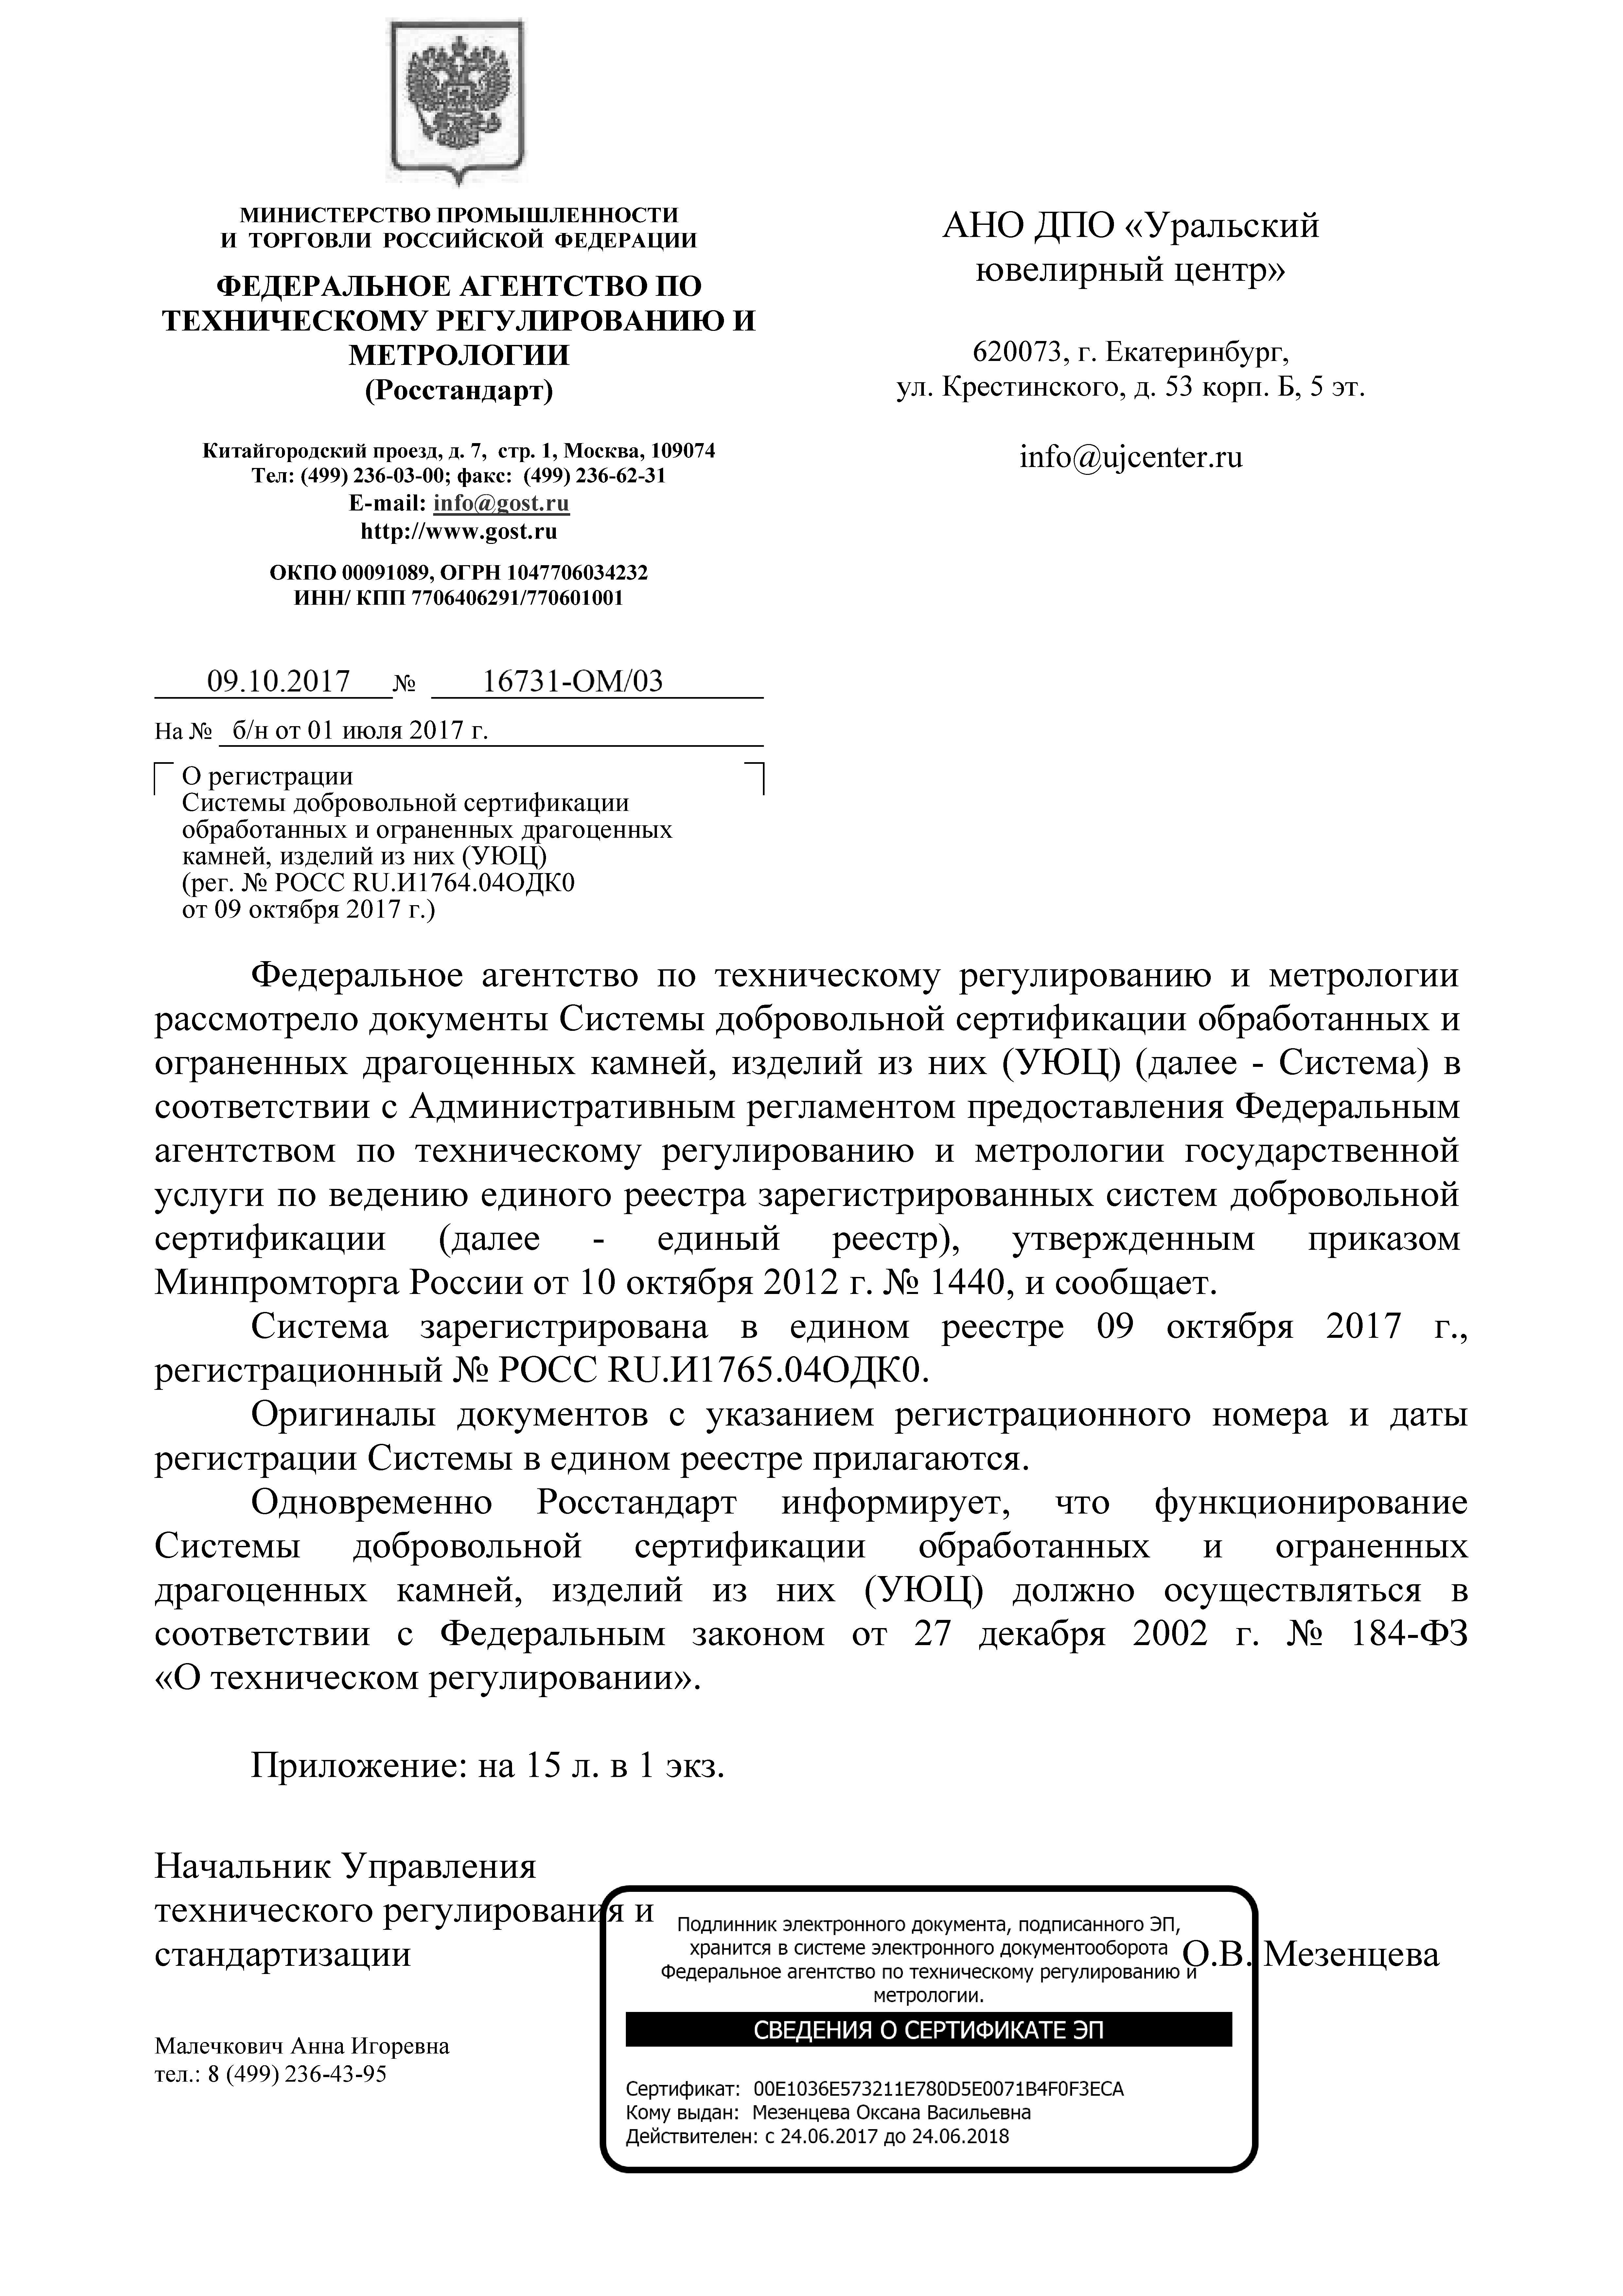 Функционирование Системы добровольной сертификации ювелирных изделий со  вставками и без вставок (УЮЦ) осуществляется в соответствии с Федеральным  законом от ... 78b08890bf9